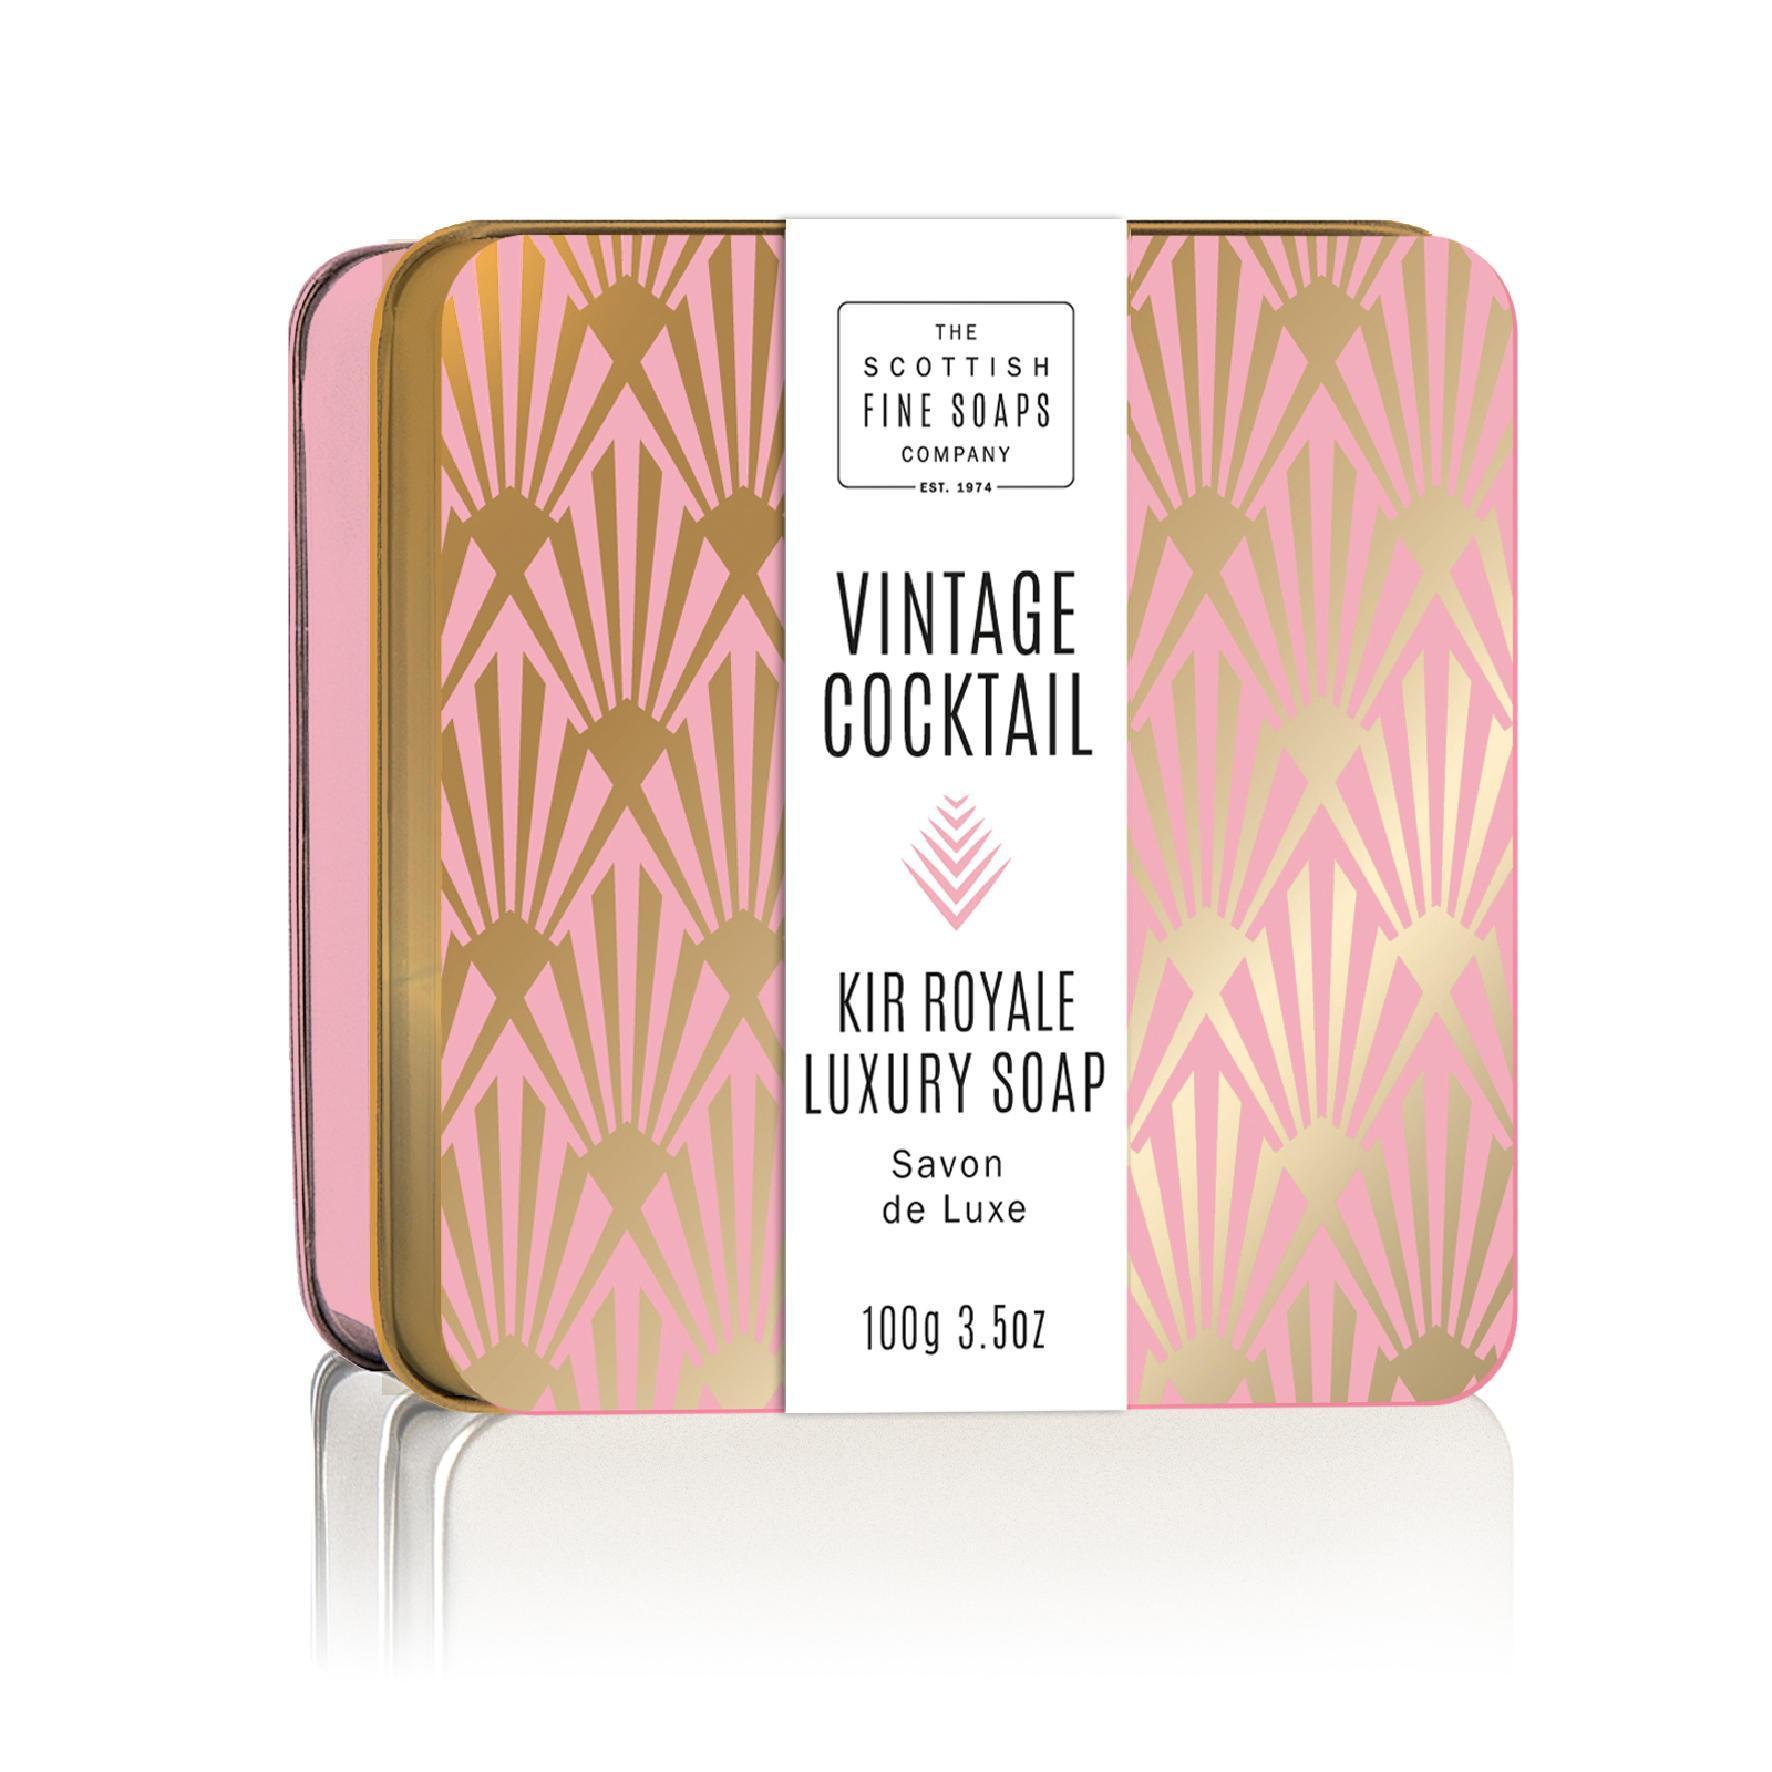 SCOTTISH FINE SOAPS Mýdlo v plechové krabičce Kir Royale Cocktail, fialová barva, zlatá barva, kov